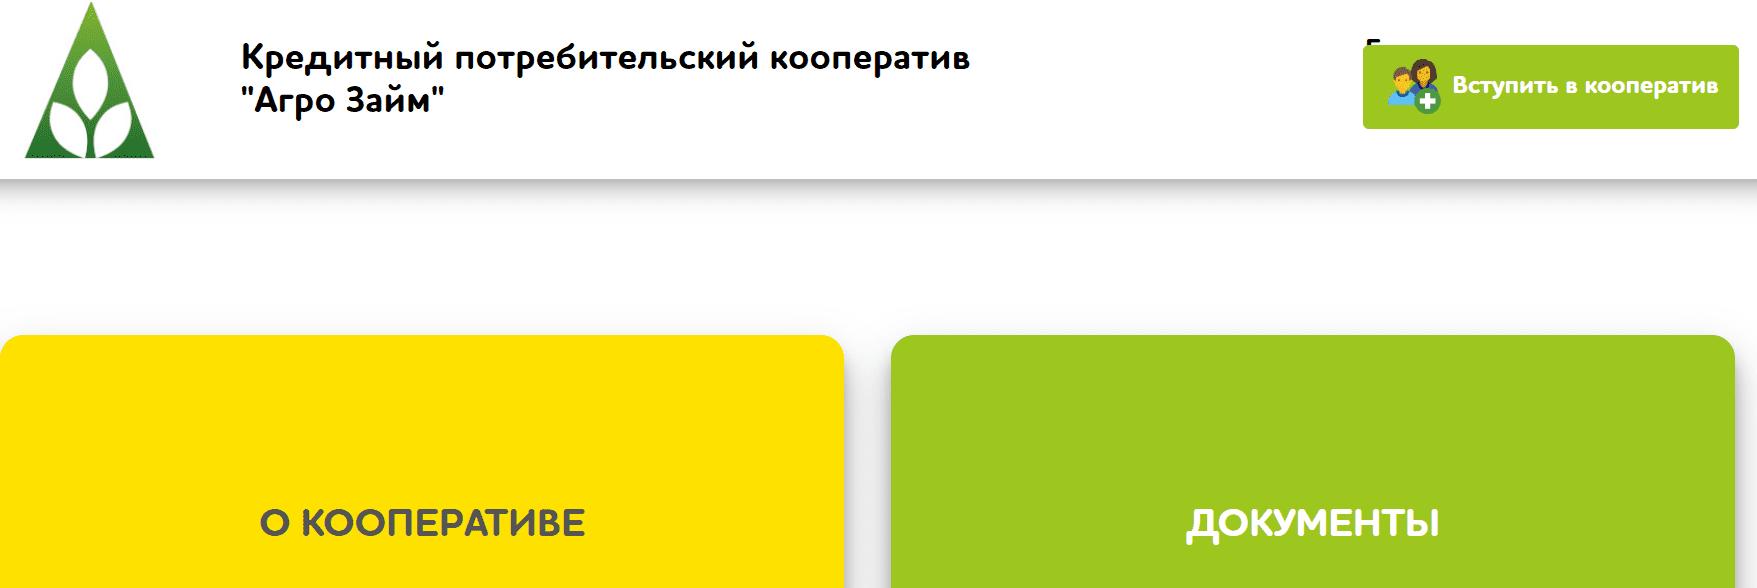 Официальный сайт кооператива «Агро Займ»